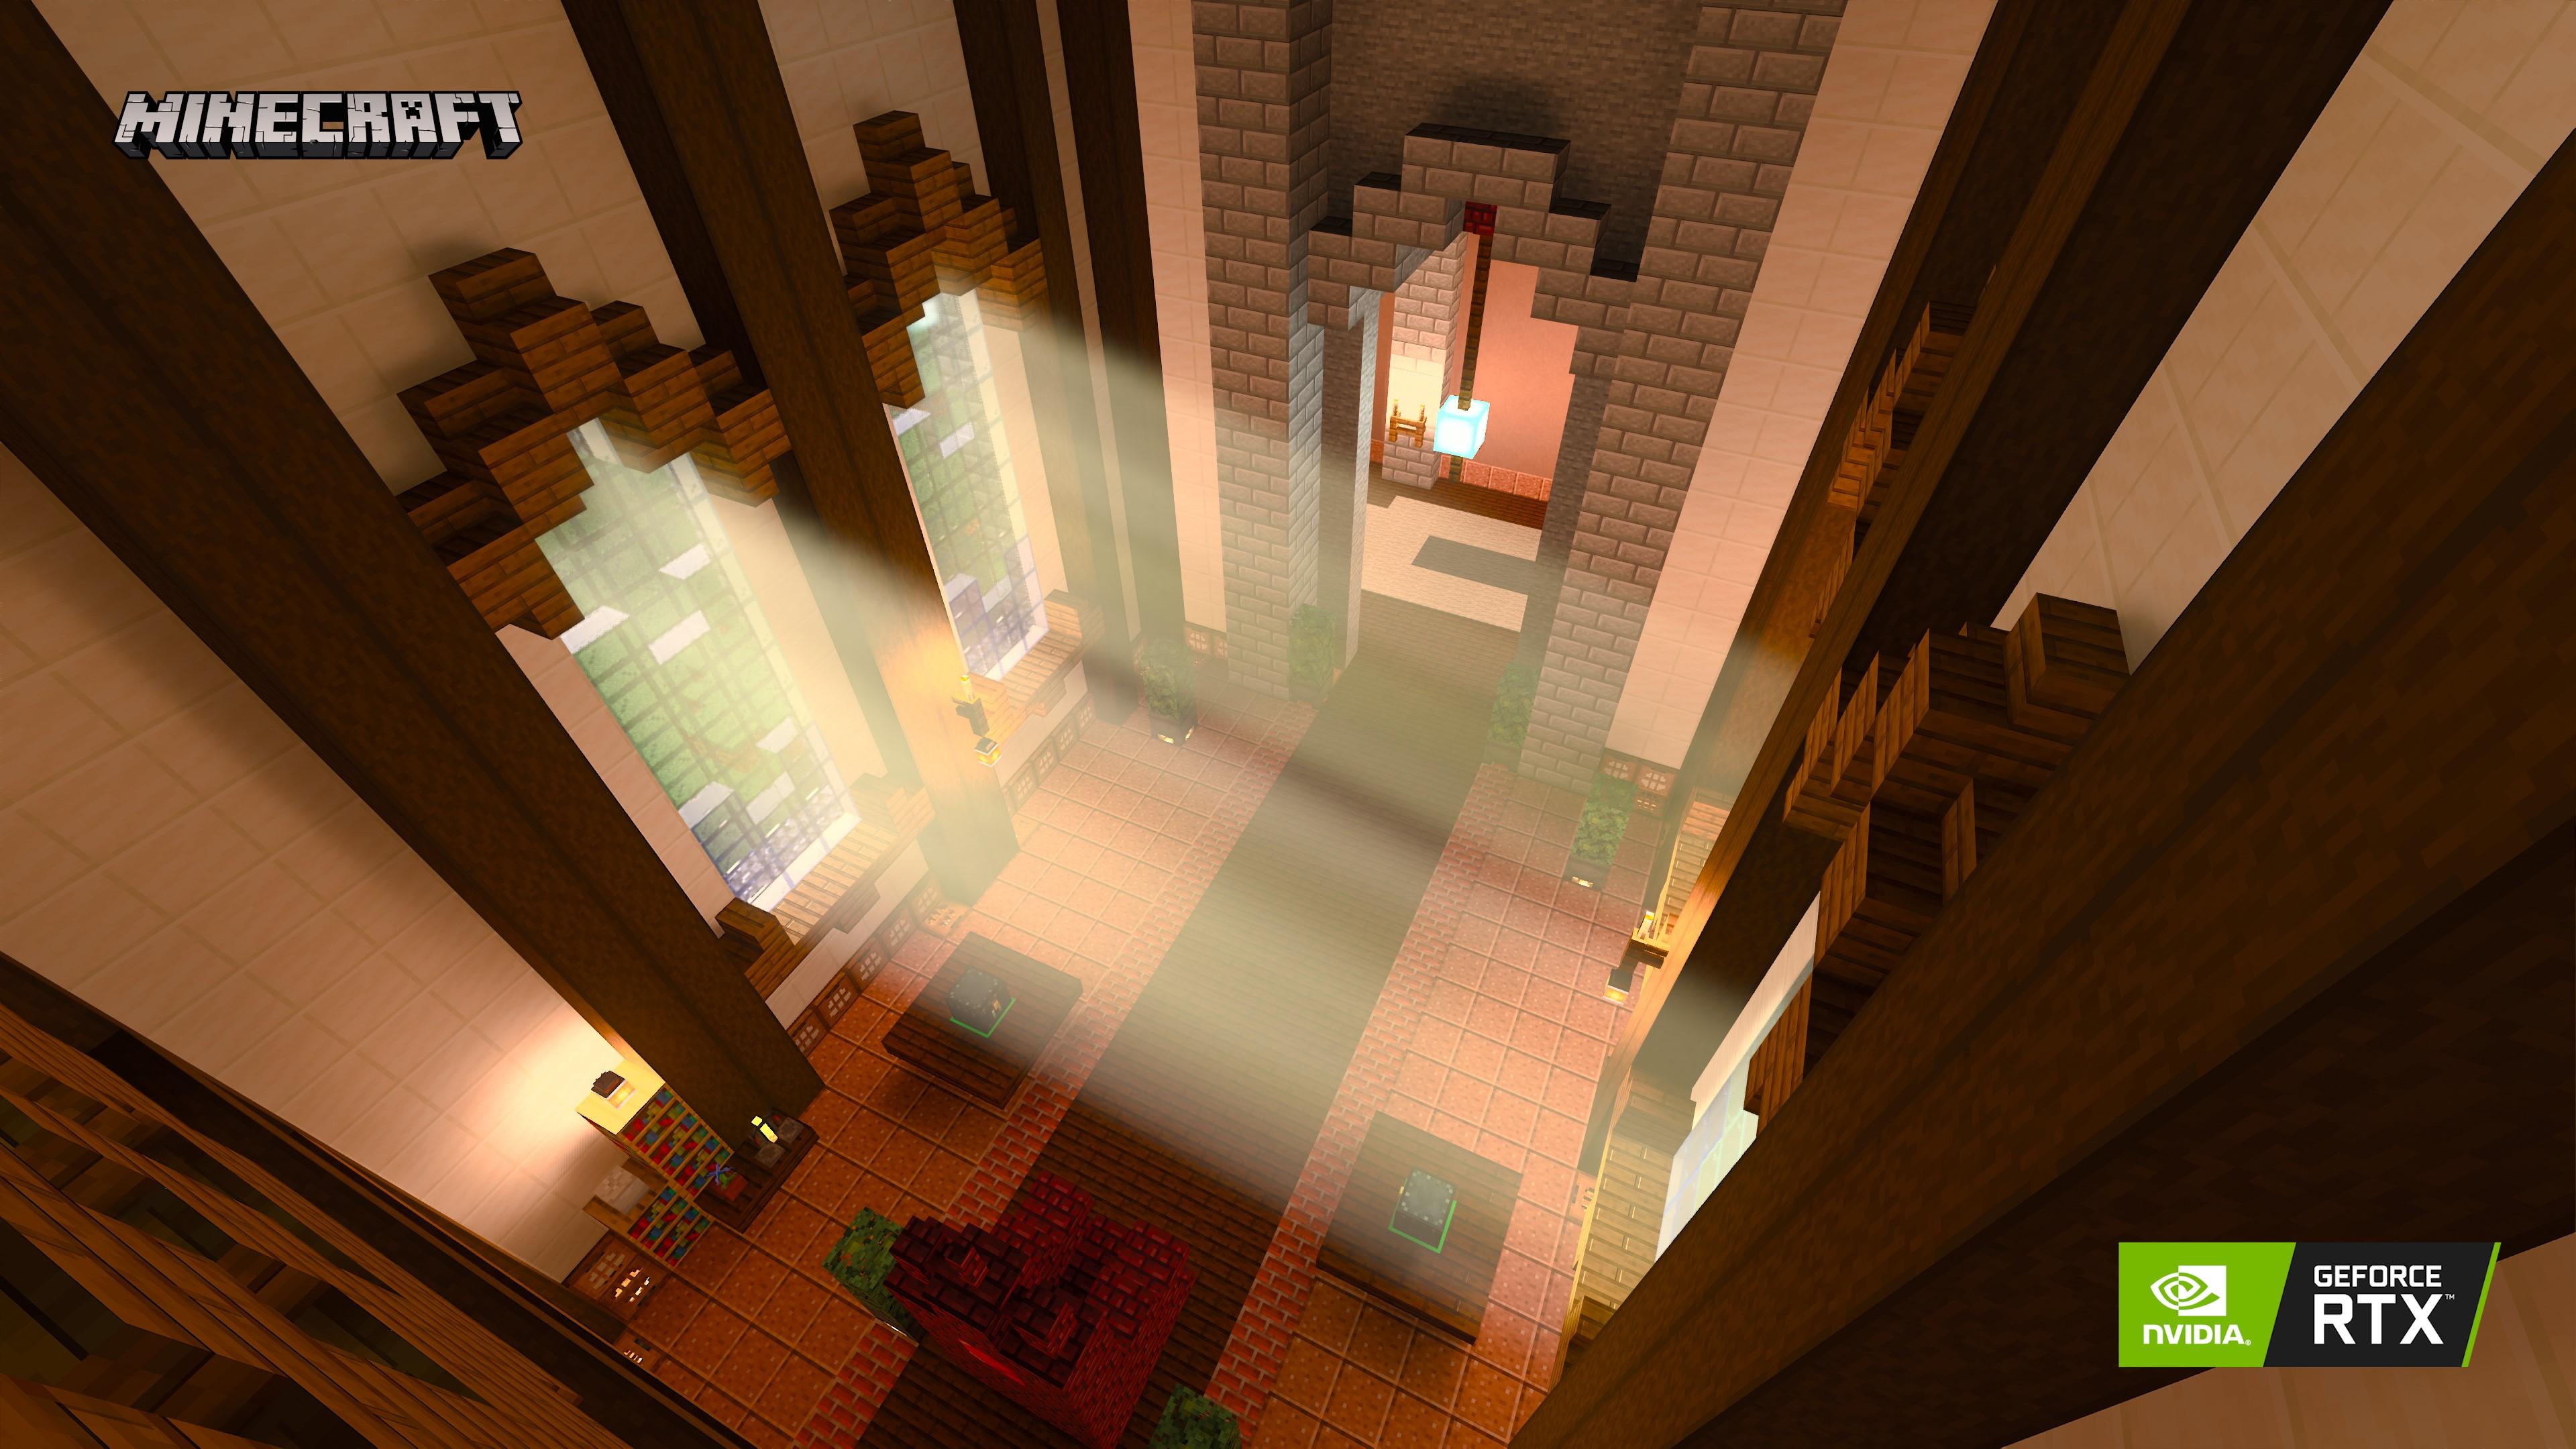 NVIDIA chwali się działaniem ray tracingu w Minecraft, bo naprawdę jest czym 22